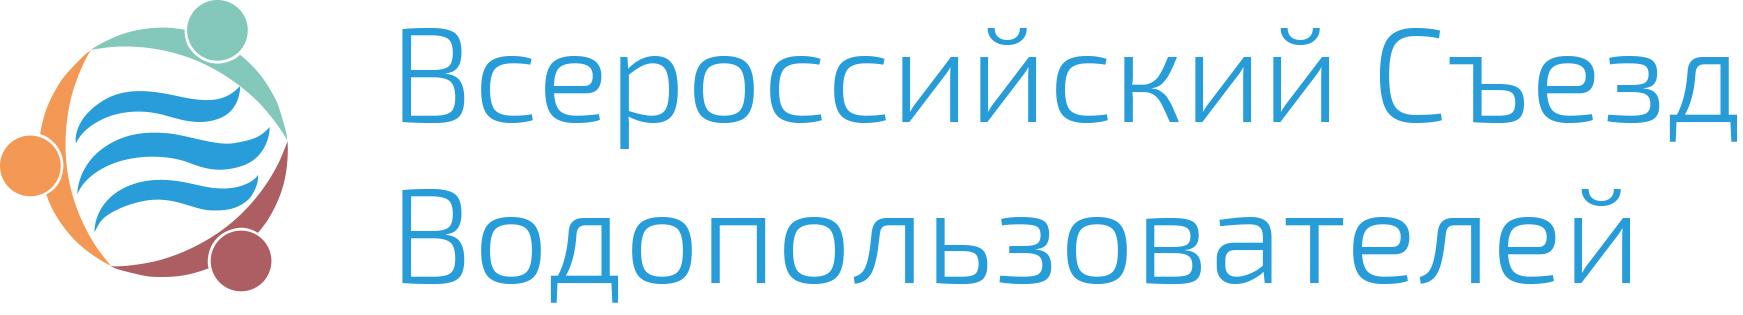 Перенос Всероссийского съезда водопользователей